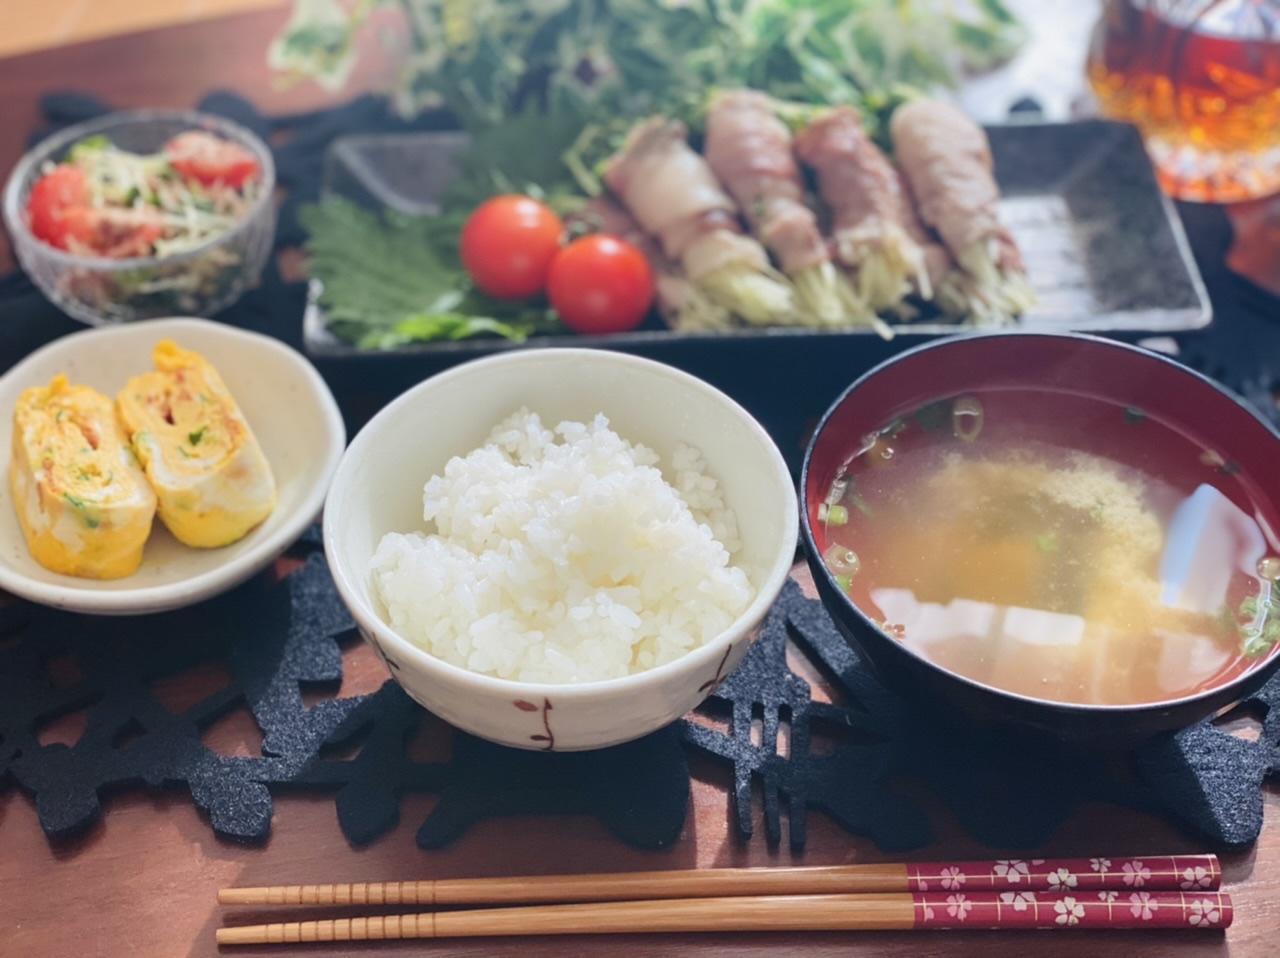 【今月のお家ごはん】アラサー女子の食卓!作り置きおかずでラク晩ご飯♡-Vol.24-_3